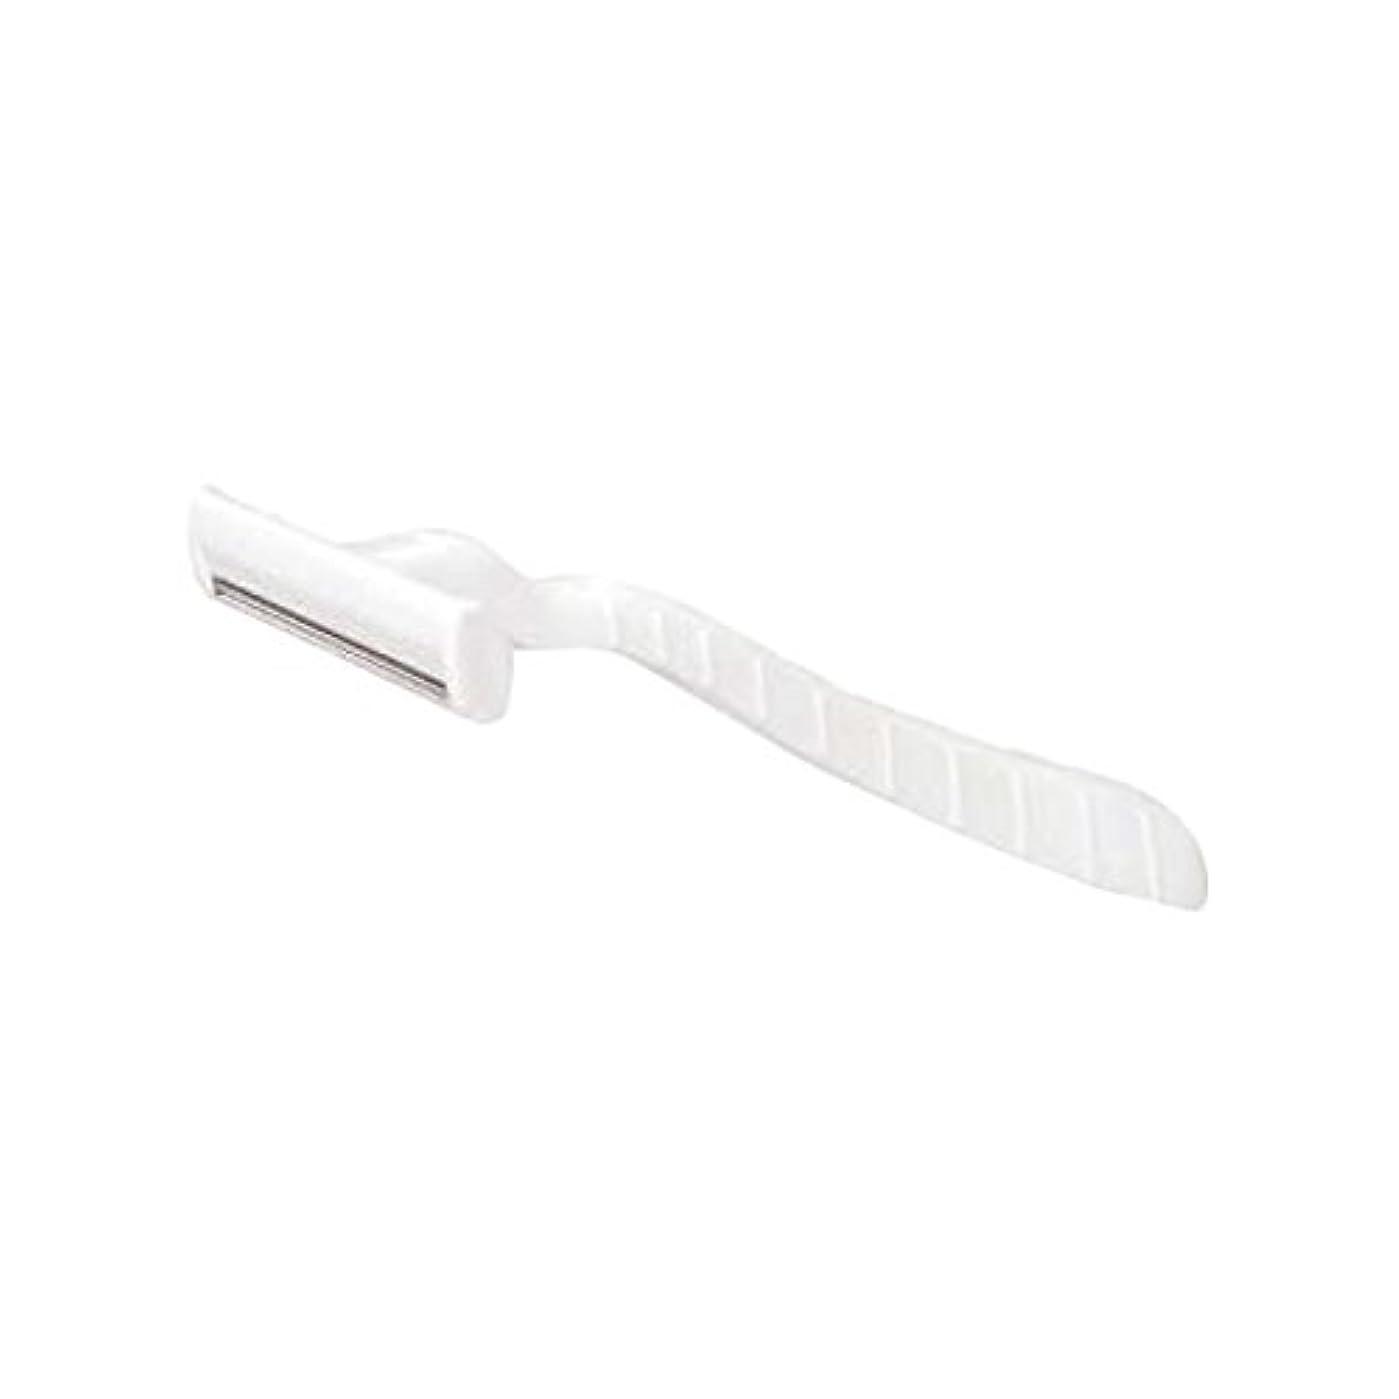 メイトリスクストライクホテル業務用シックカミソリ2枚刃(白)マット袋入り 100本